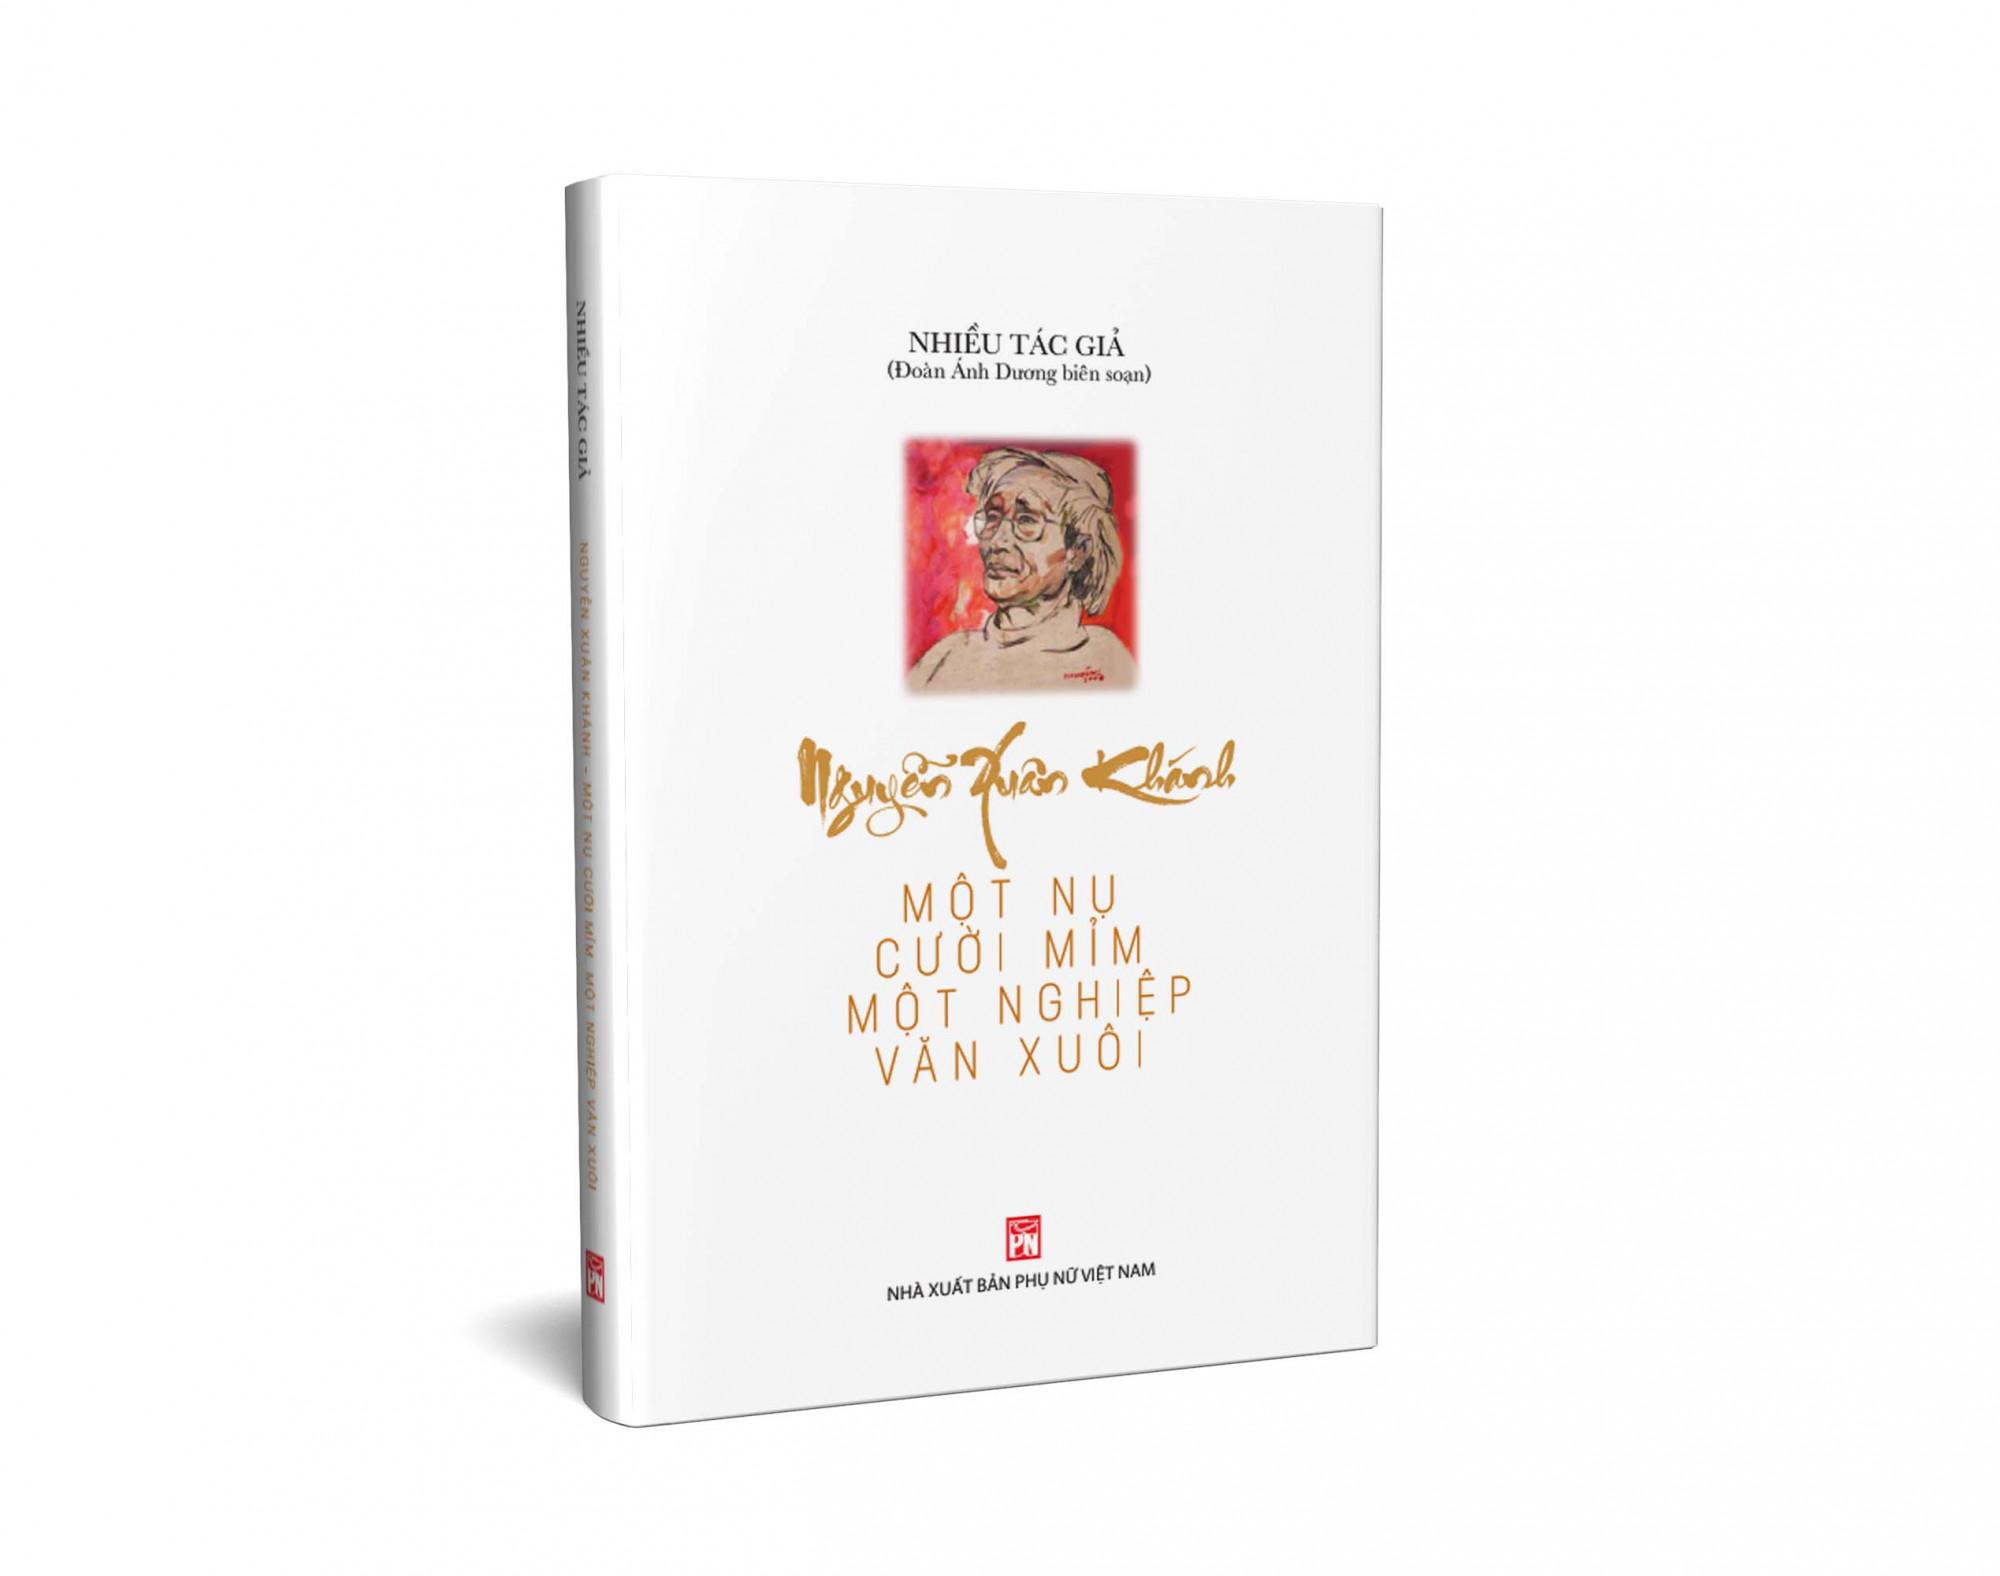 Hơn 500 trang sách viết về cuộc đời và tác phẩm của cố nhà văn Nguyễn Xuân Khánh